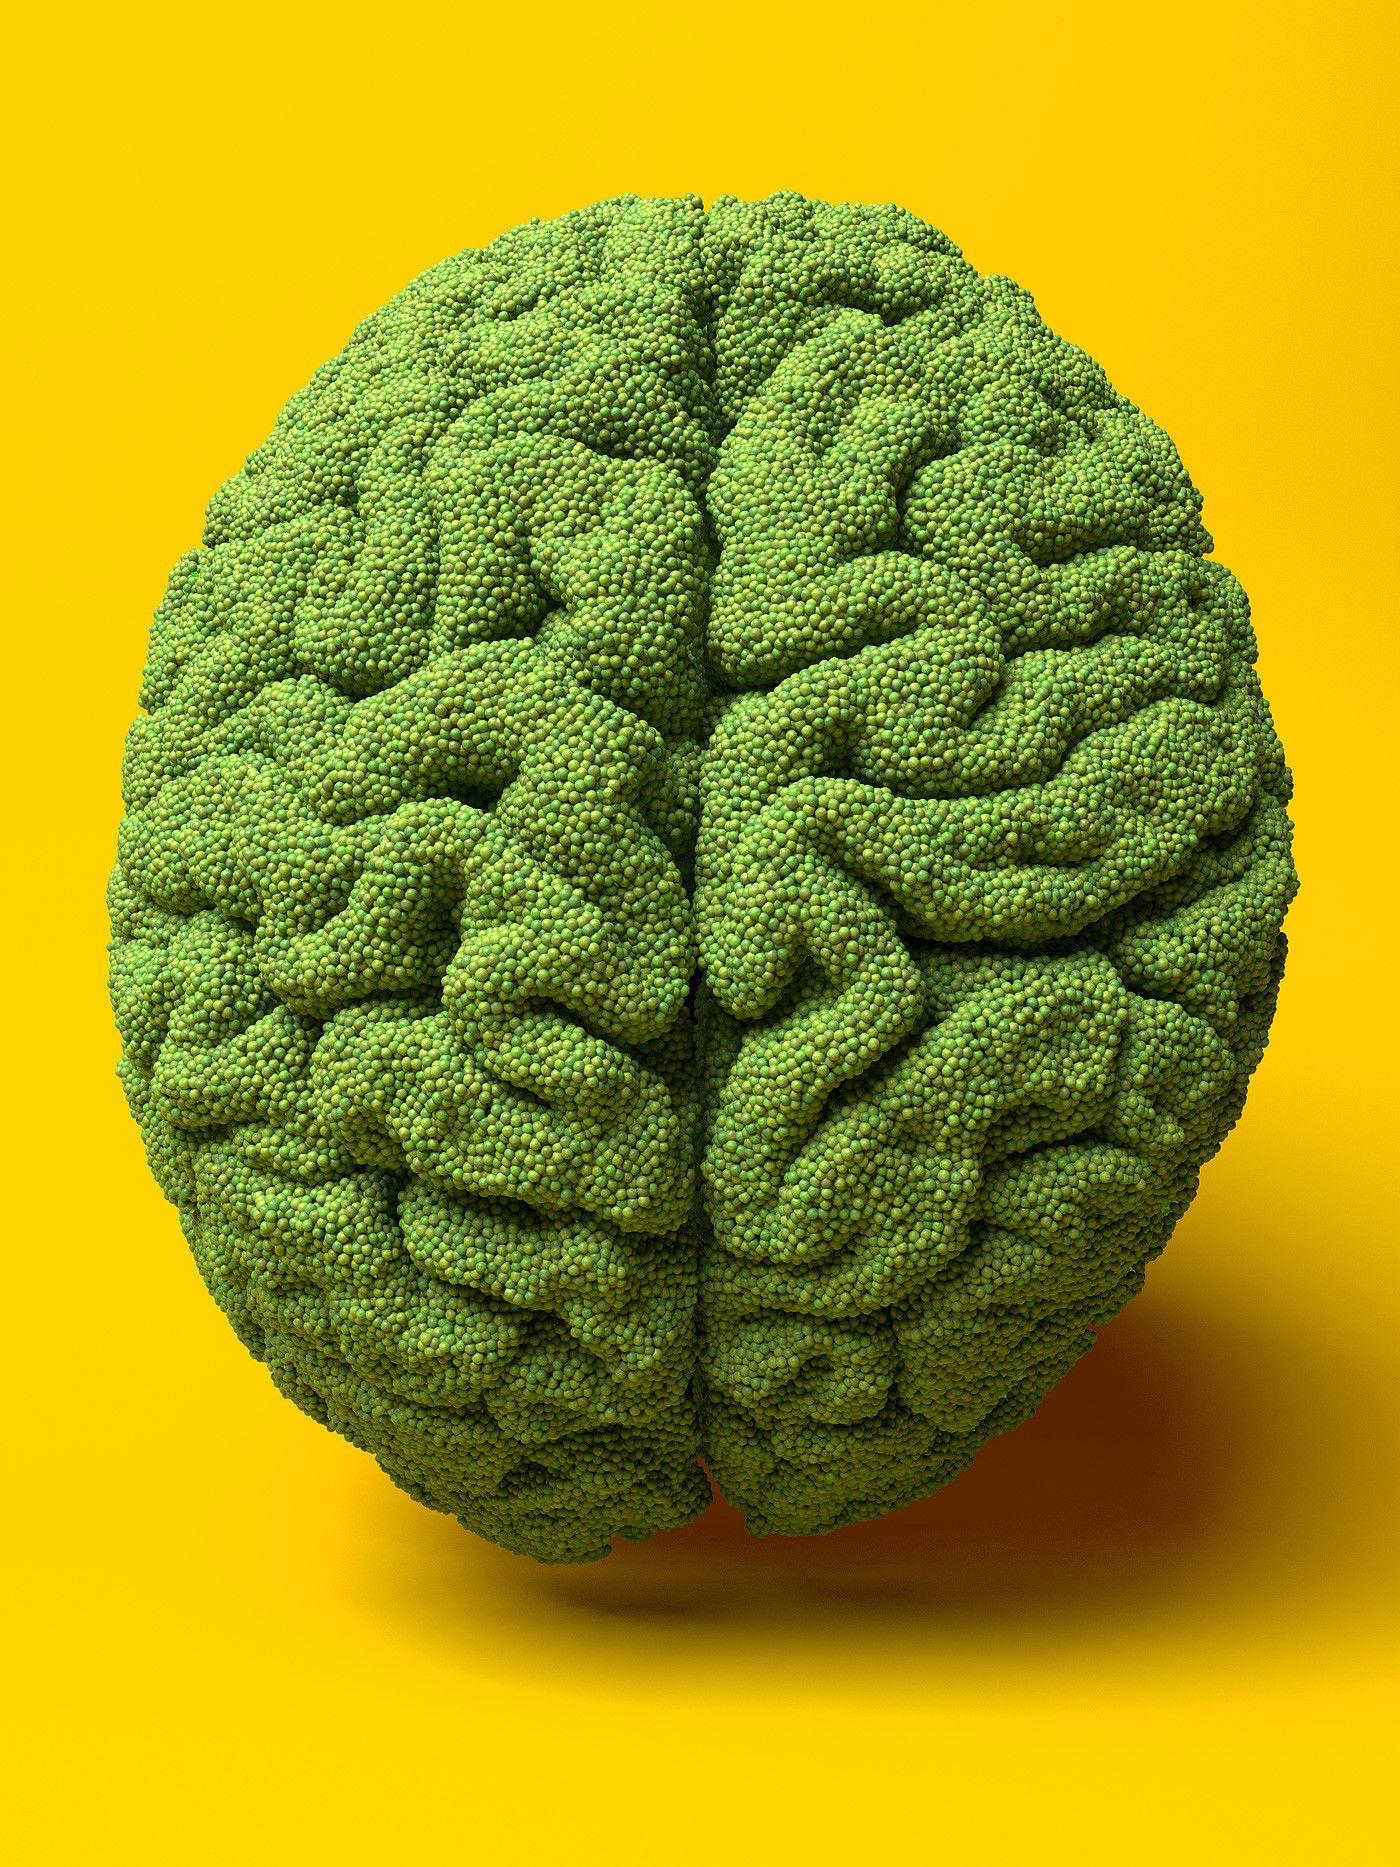 Organic Food - Pea Brain